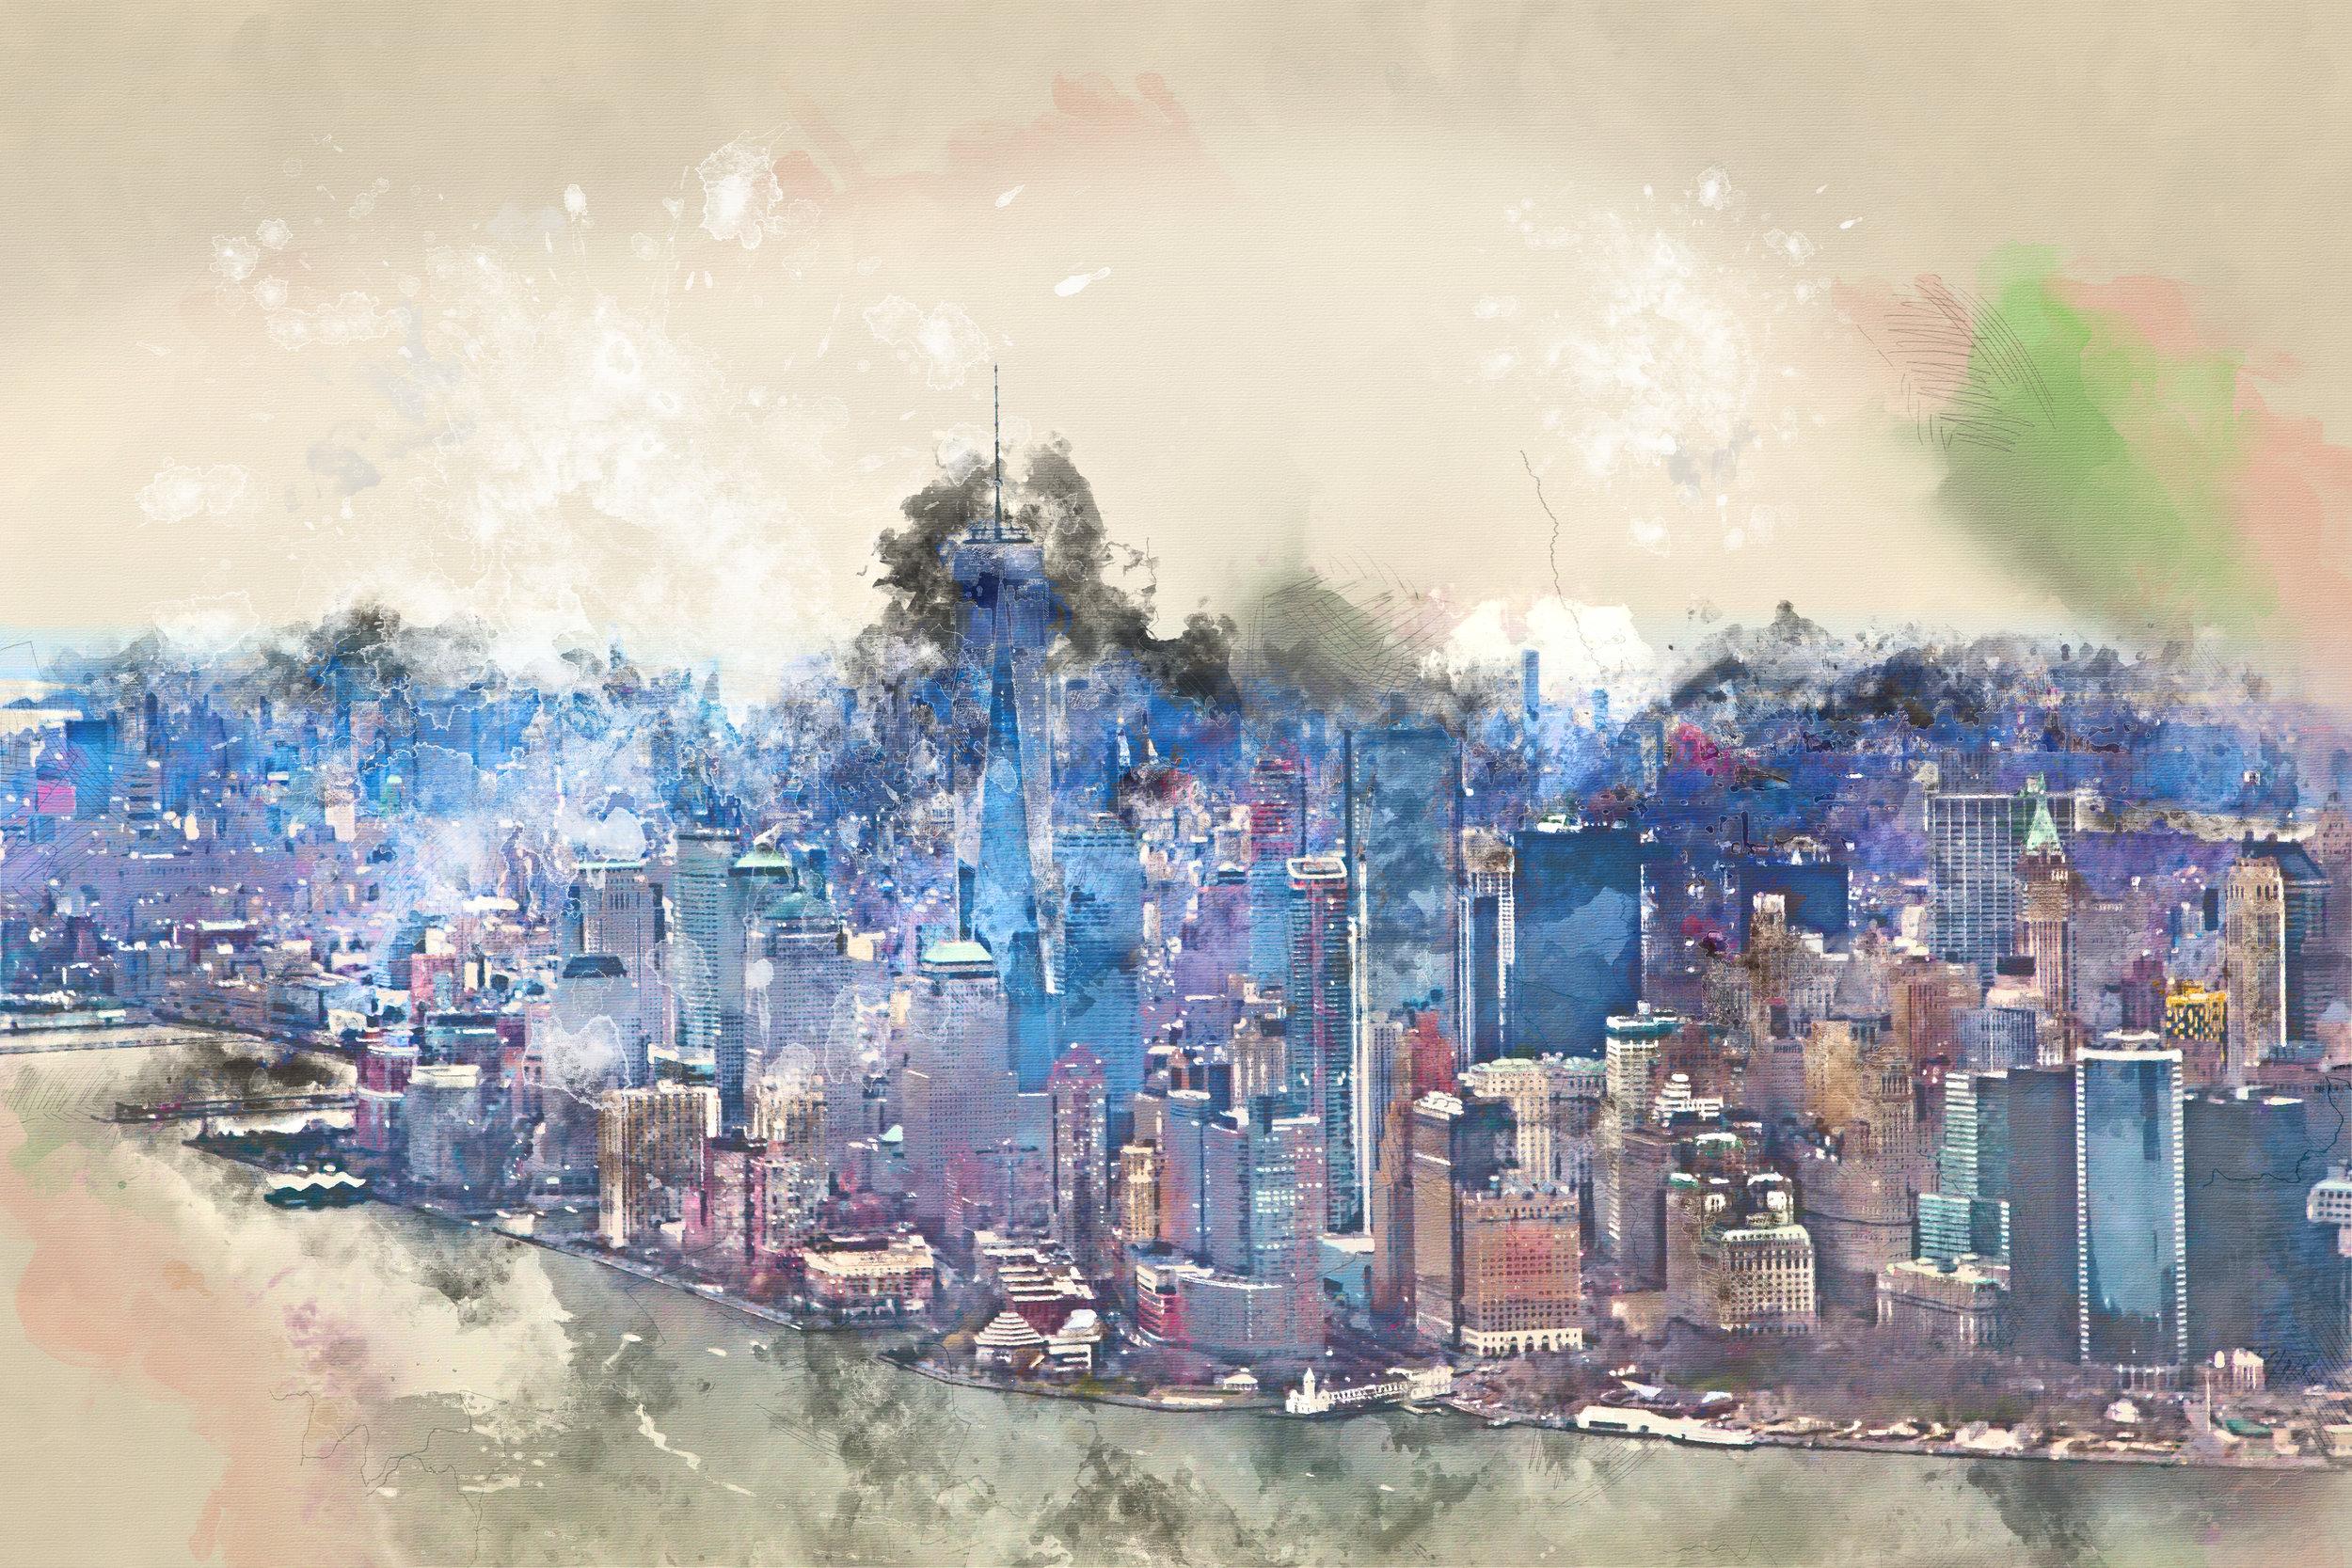 New yawk, new yawk - Mixed Media/Watercolor